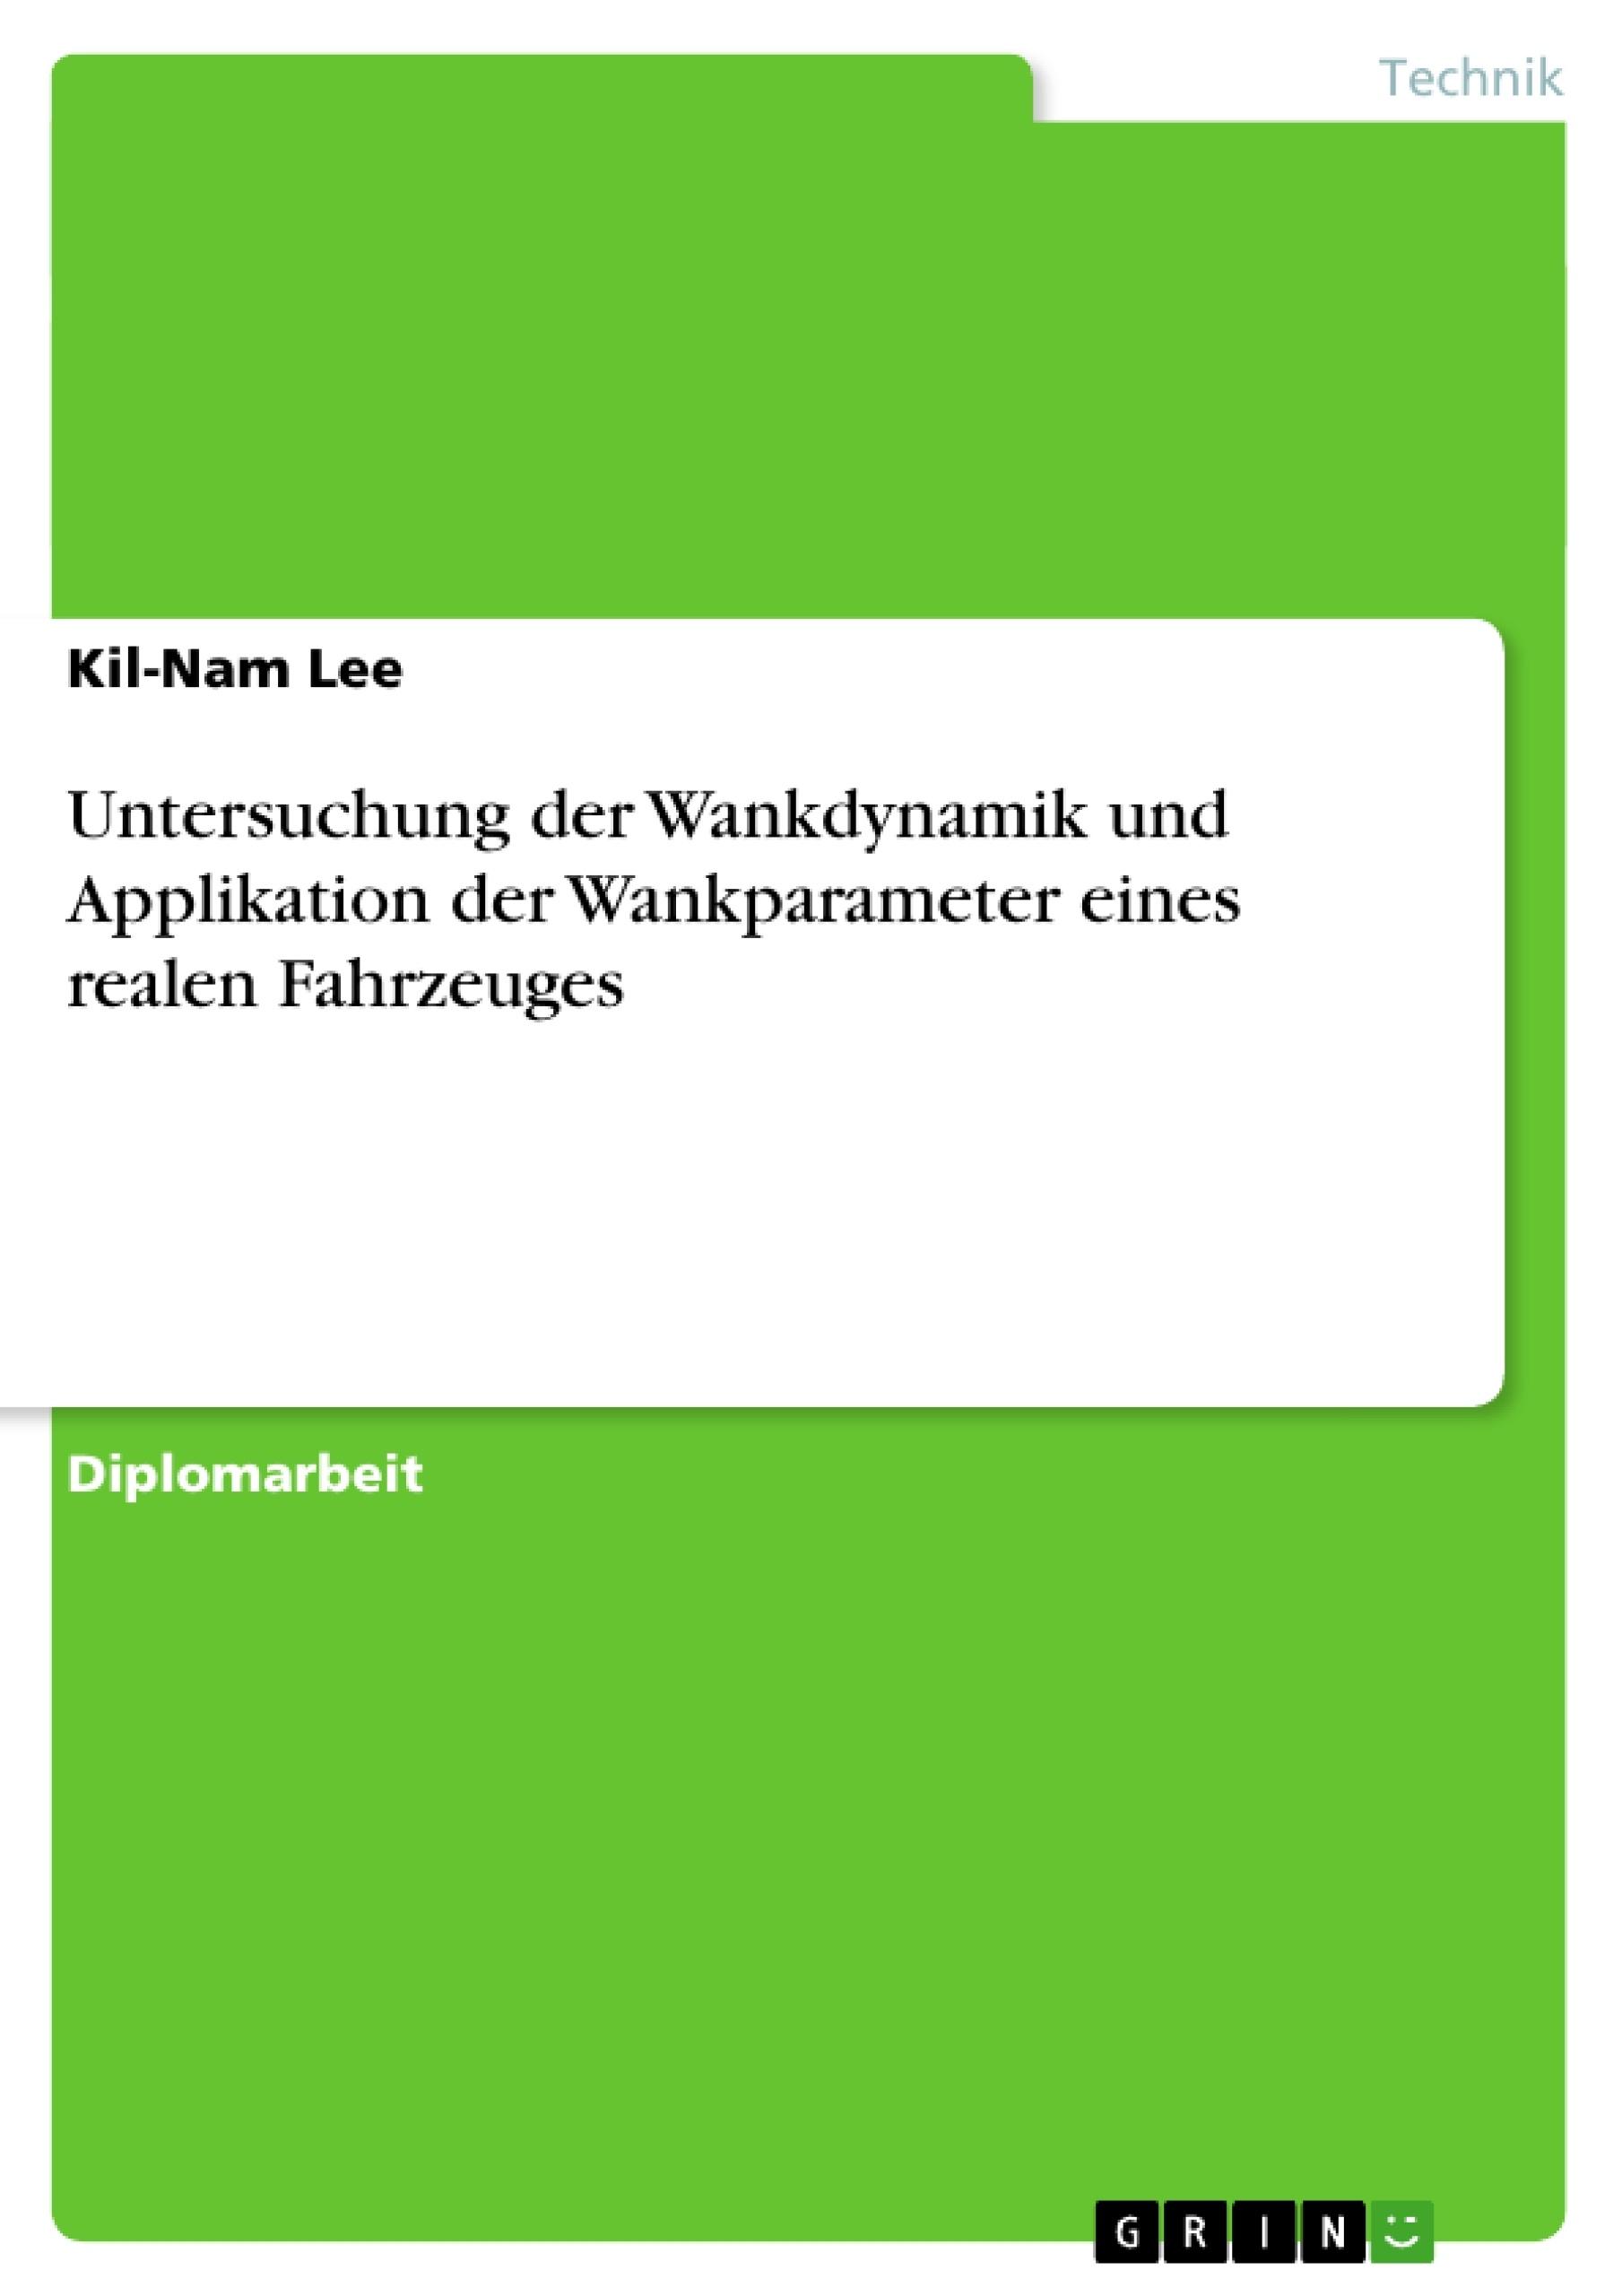 Titel: Untersuchung der Wankdynamik und Applikation der Wankparameter eines realen Fahrzeuges